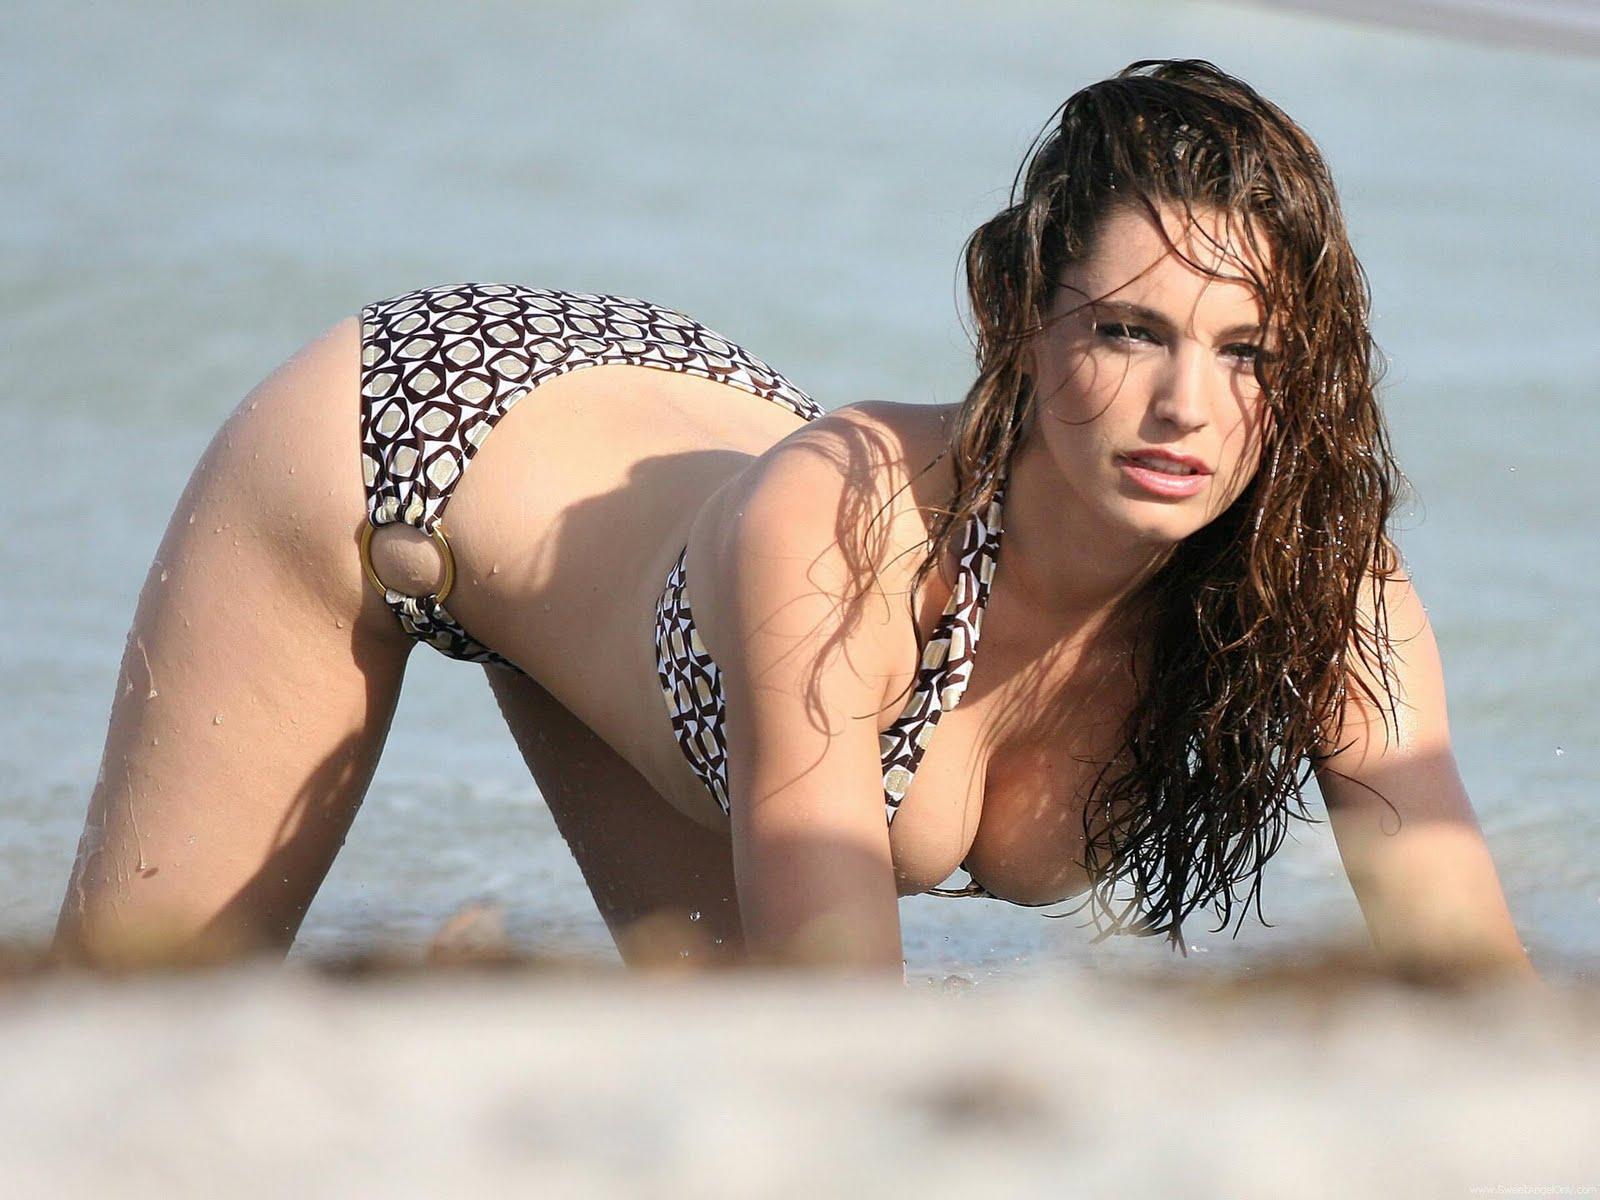 http://2.bp.blogspot.com/-ZQ6EPFe8kKA/Td_NDm5SwbI/AAAAAAAAFc0/vLfwS_W5PzM/s1600/kelly_brook_hot_HD_Wallpaper_in_bikini_47.jpg